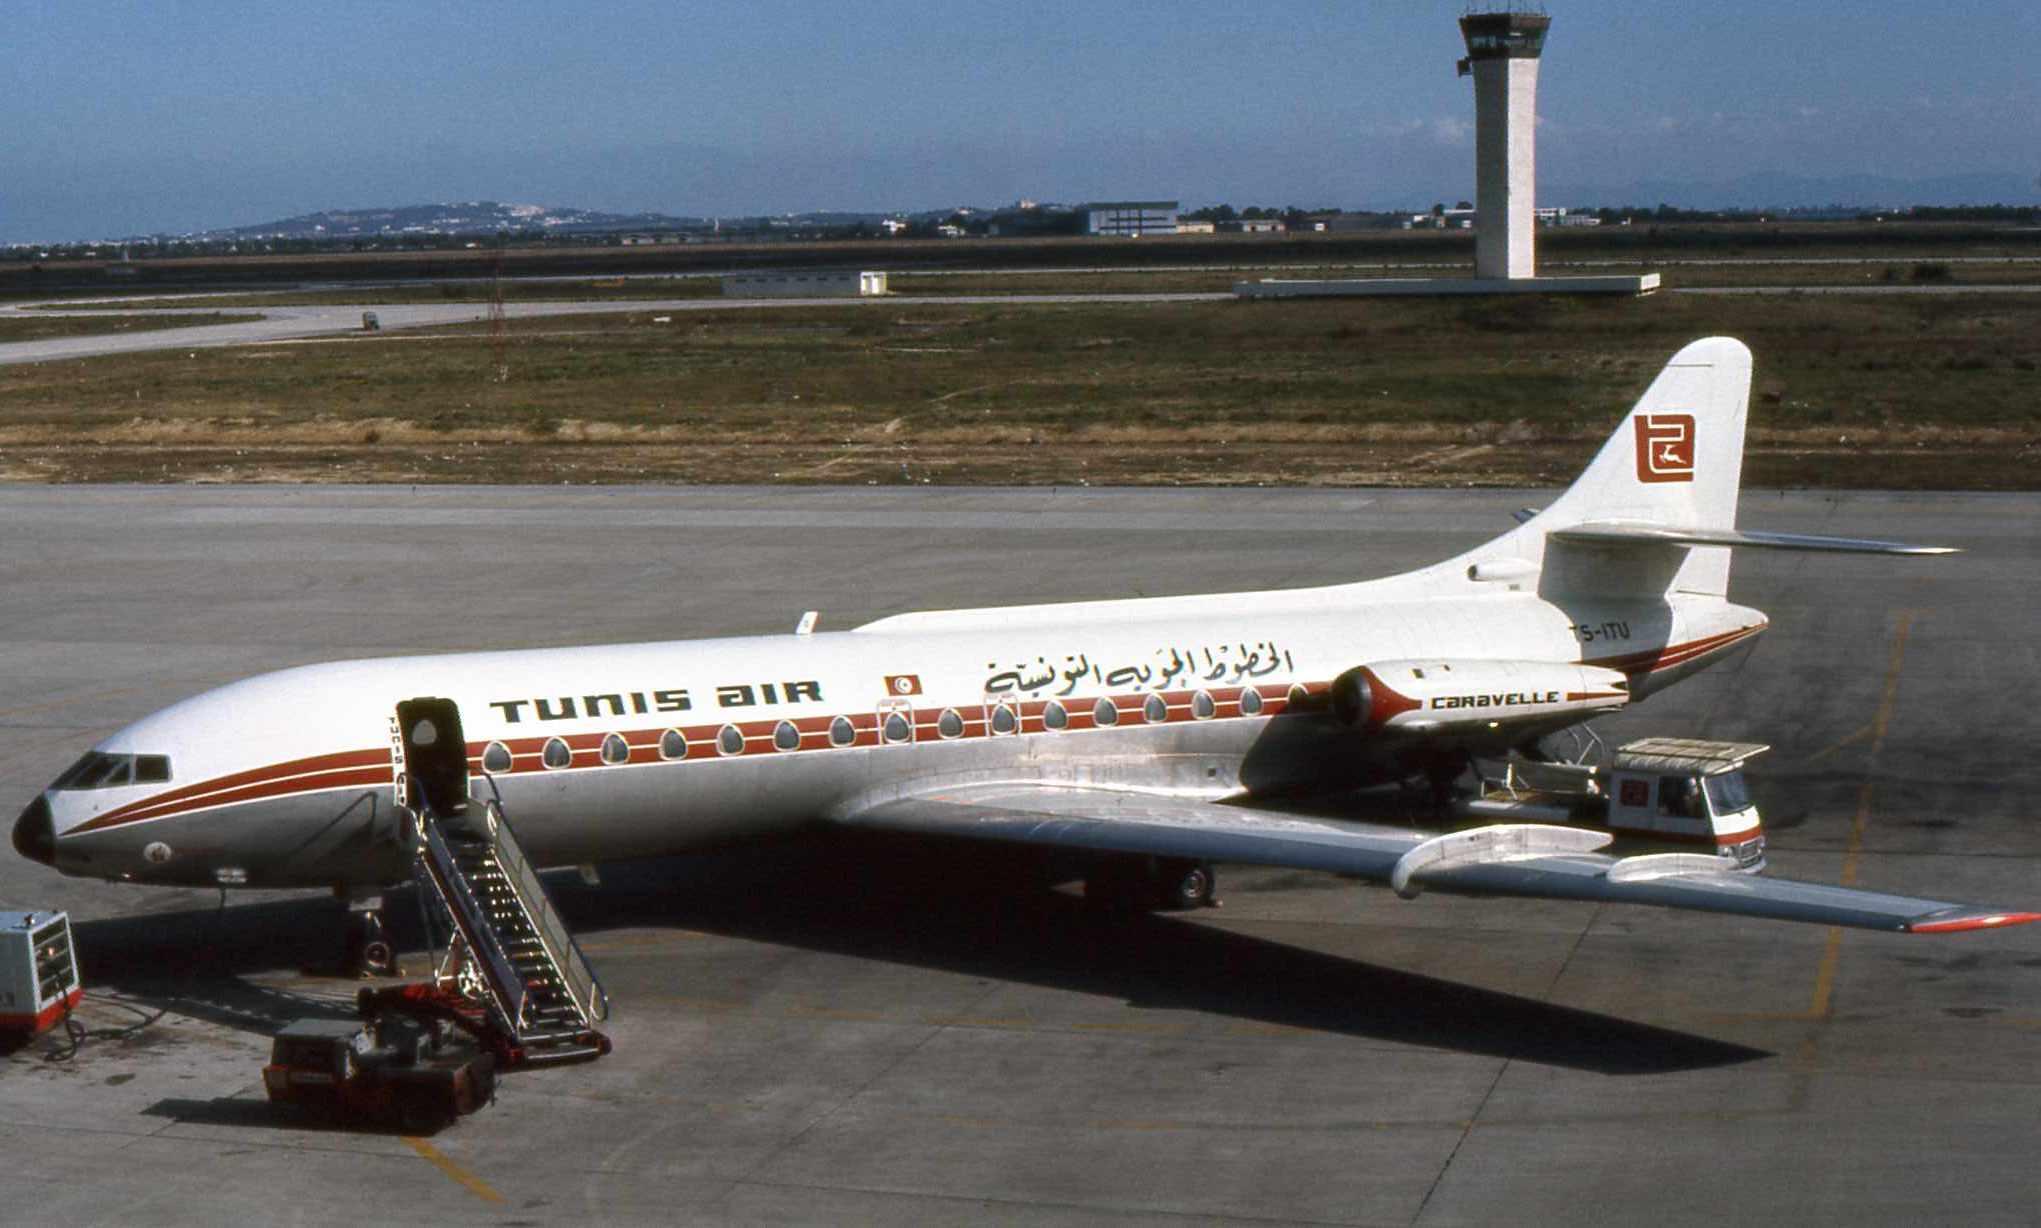 Caravelle Aérospatiale TunisAir